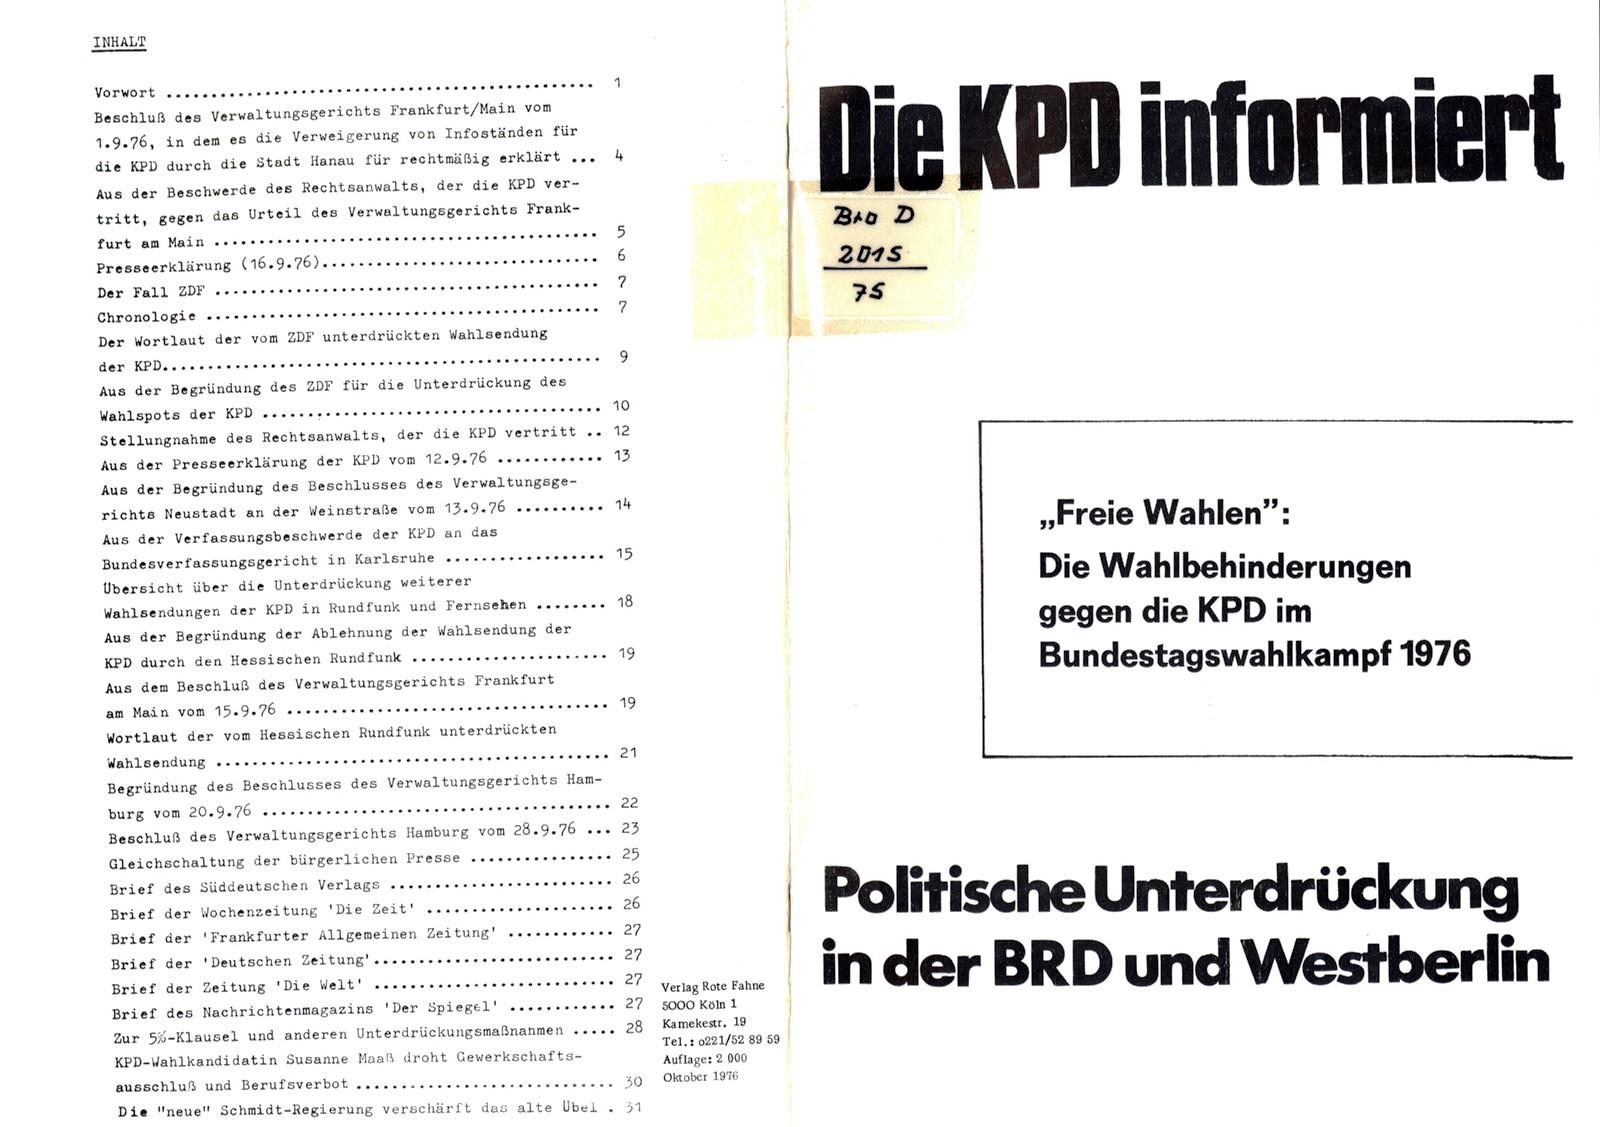 KPDAO_1976_Wahlbehinderungen_im_BTW_01